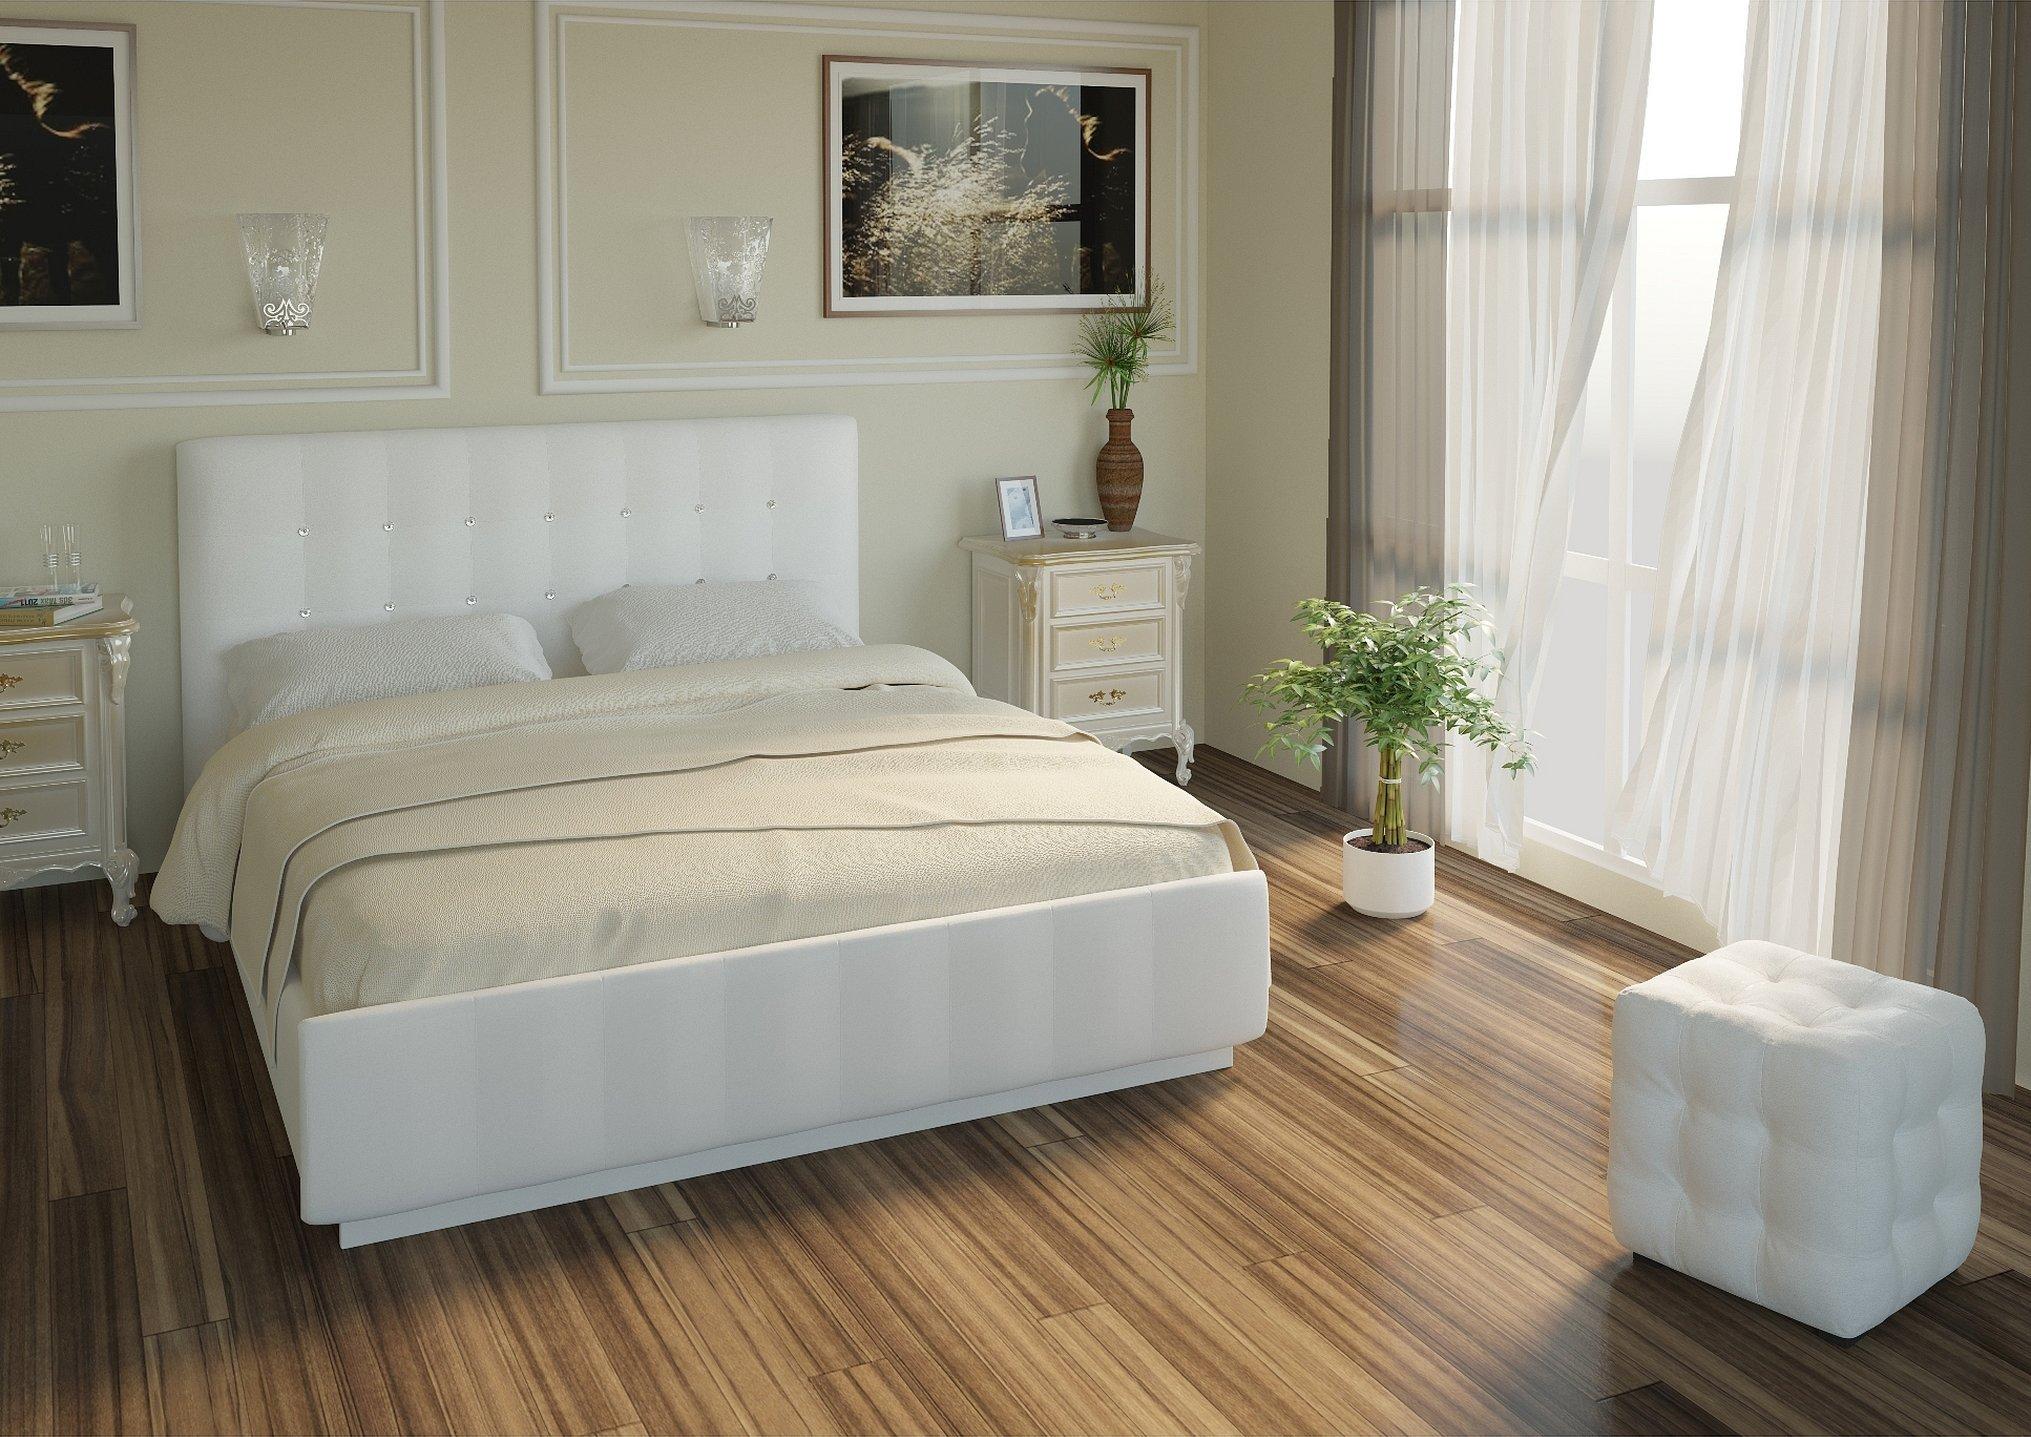 Кровать двуспальная белая экокожа